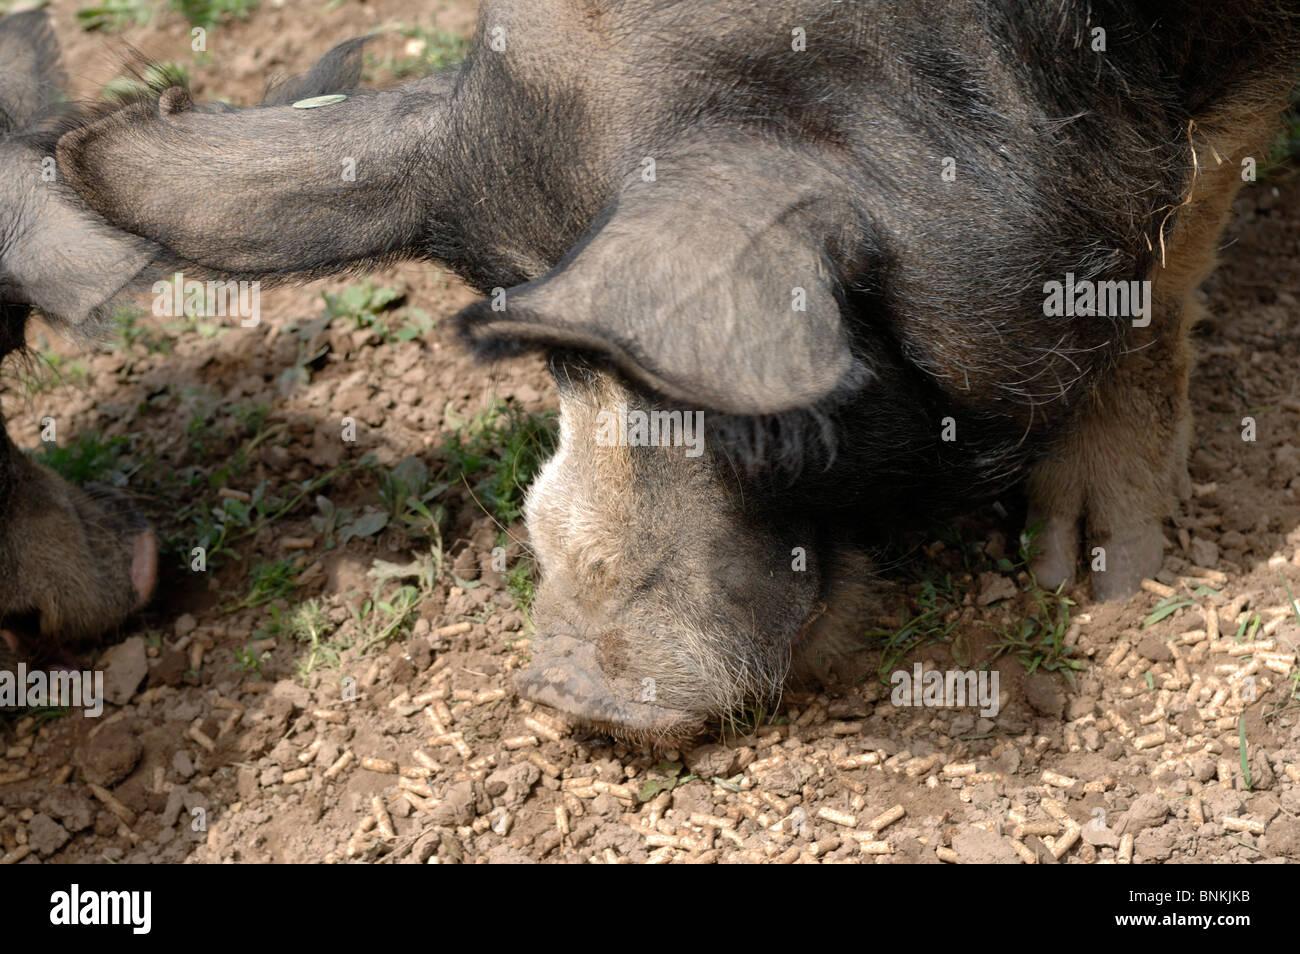 Sanglier Berkshire se nourrissant d'écrous dans l'environnement domestique Photo Stock